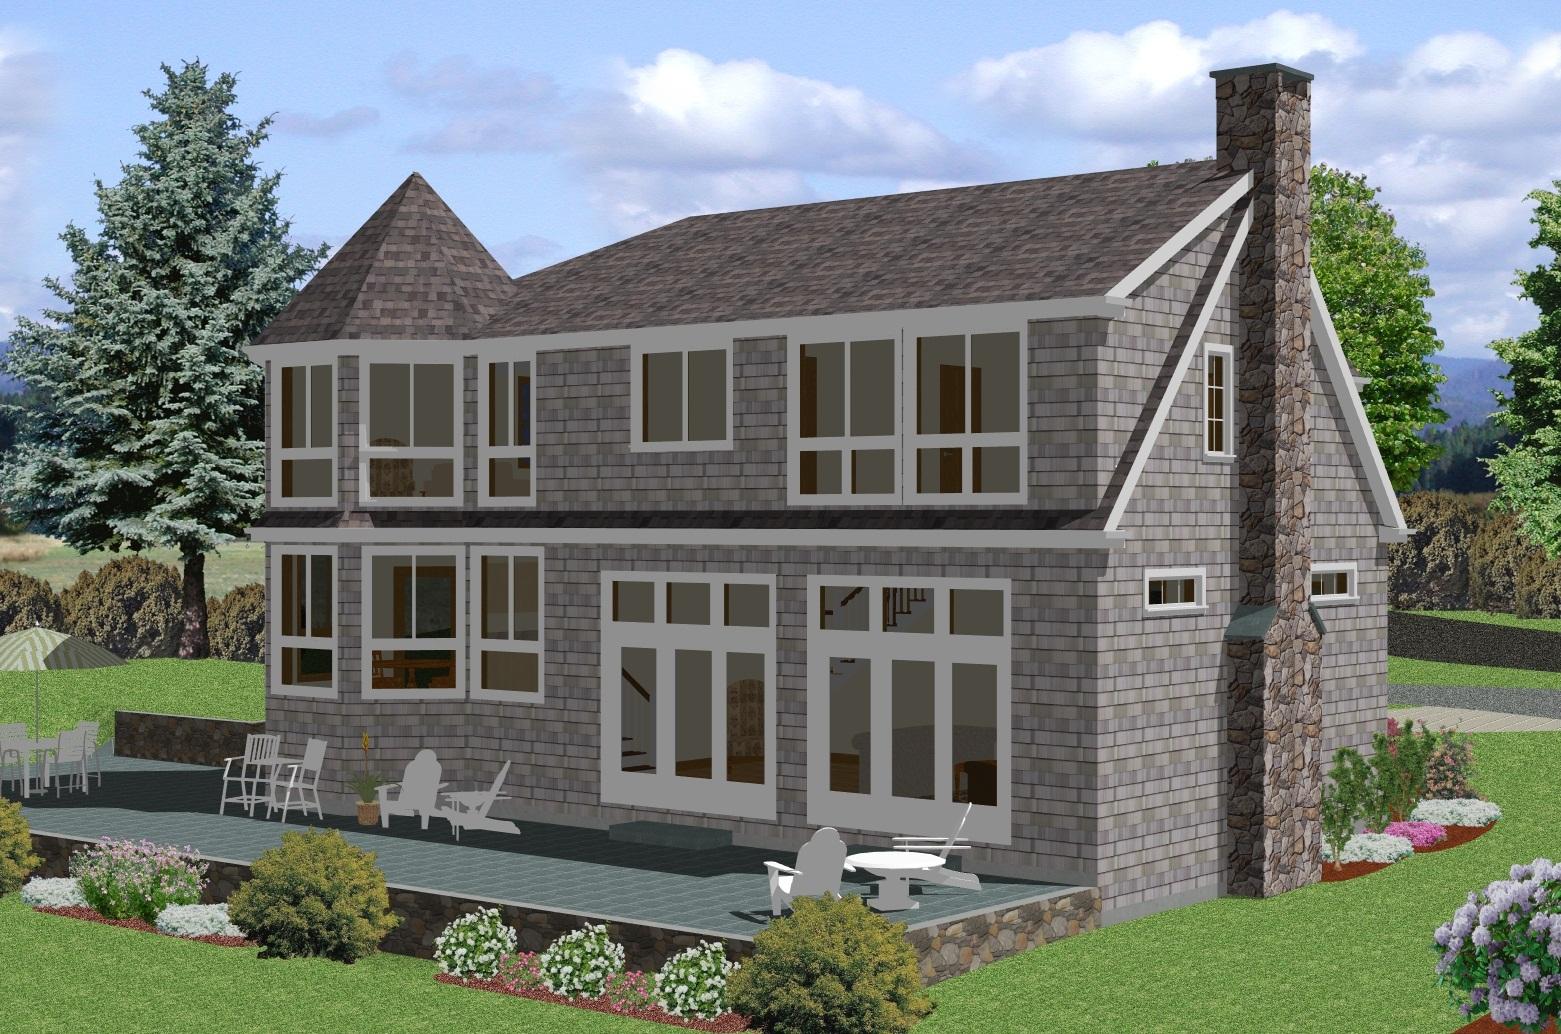 Descargar planos de casas y viviendas gratis fotos de for Modelos de viviendas